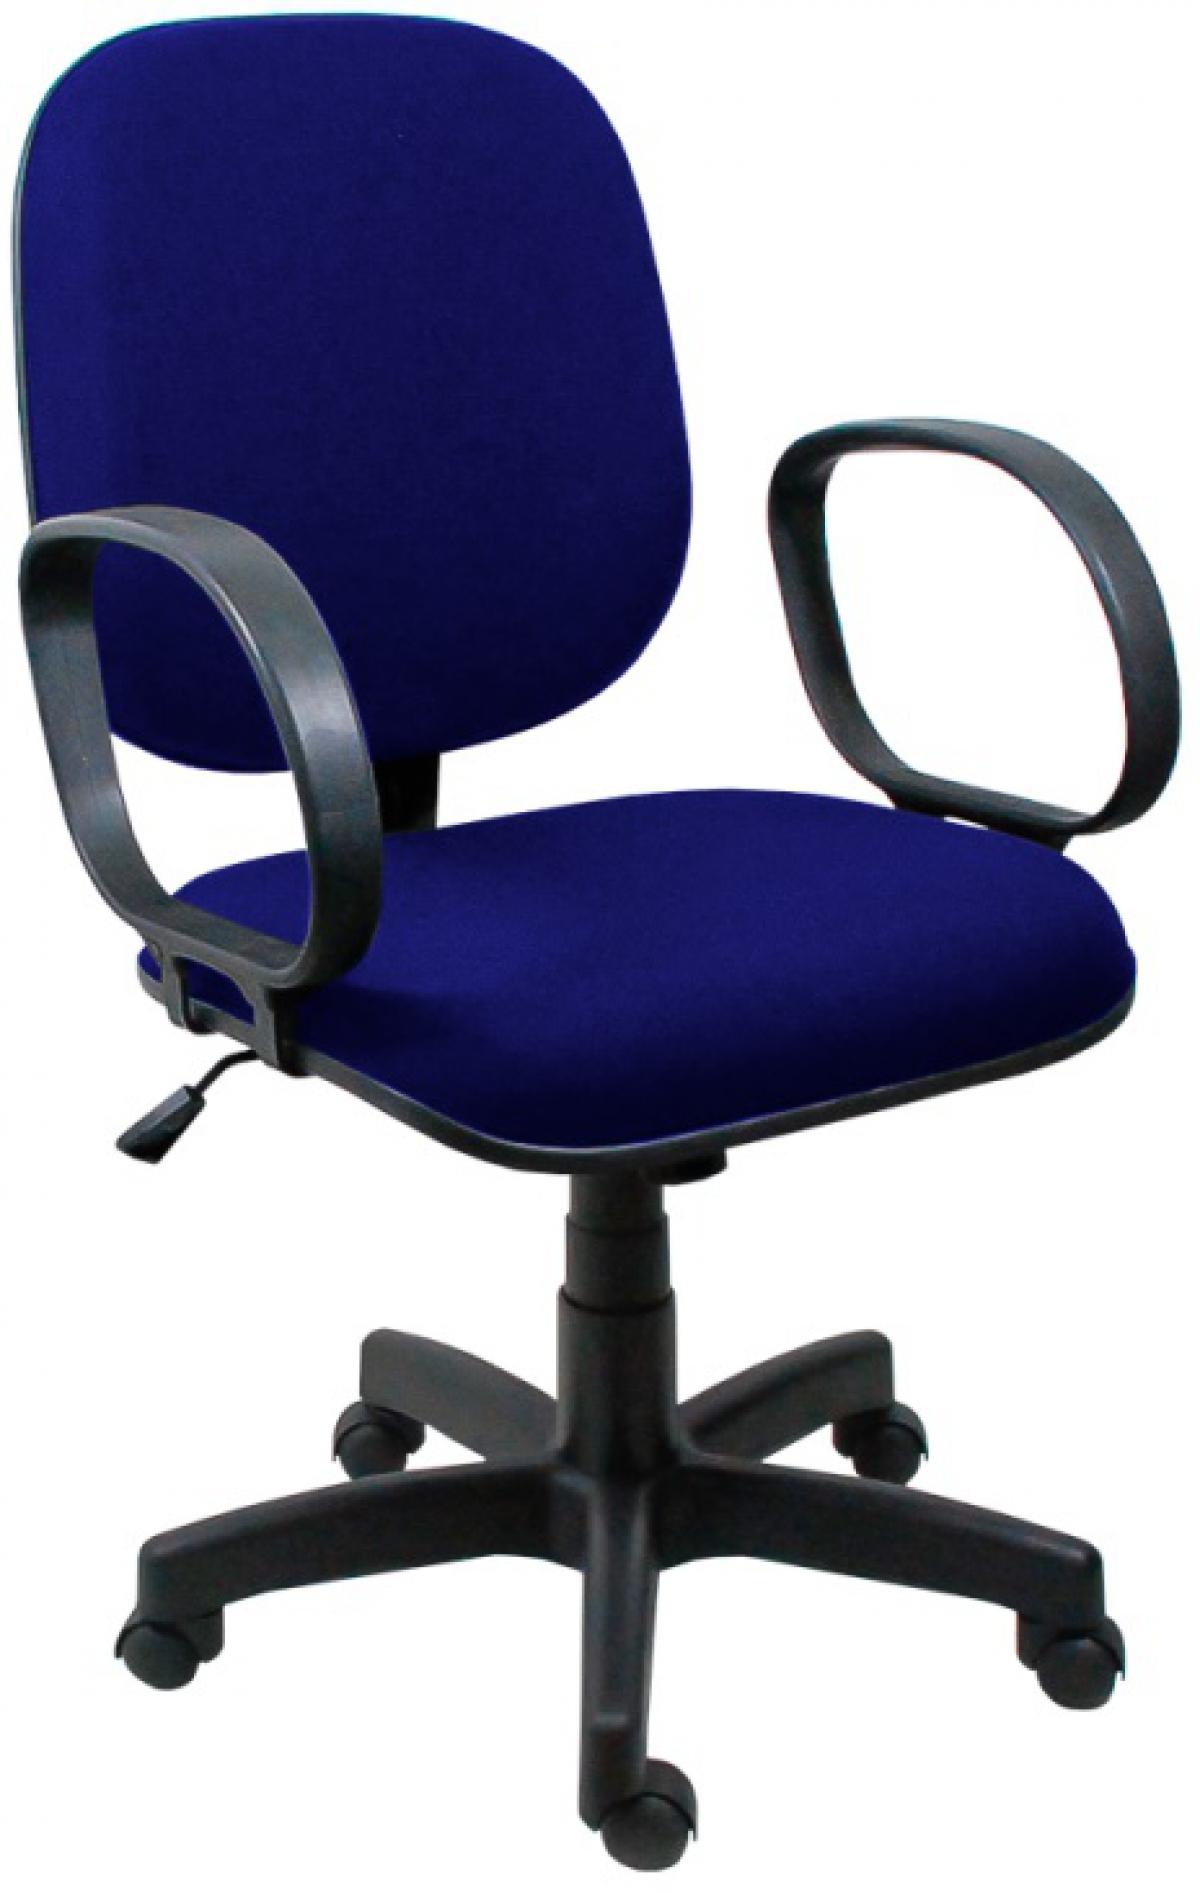 CAD - 26 Cadeira Para Escritório Diretor Giratória Com Braço Estofada Varias Cores